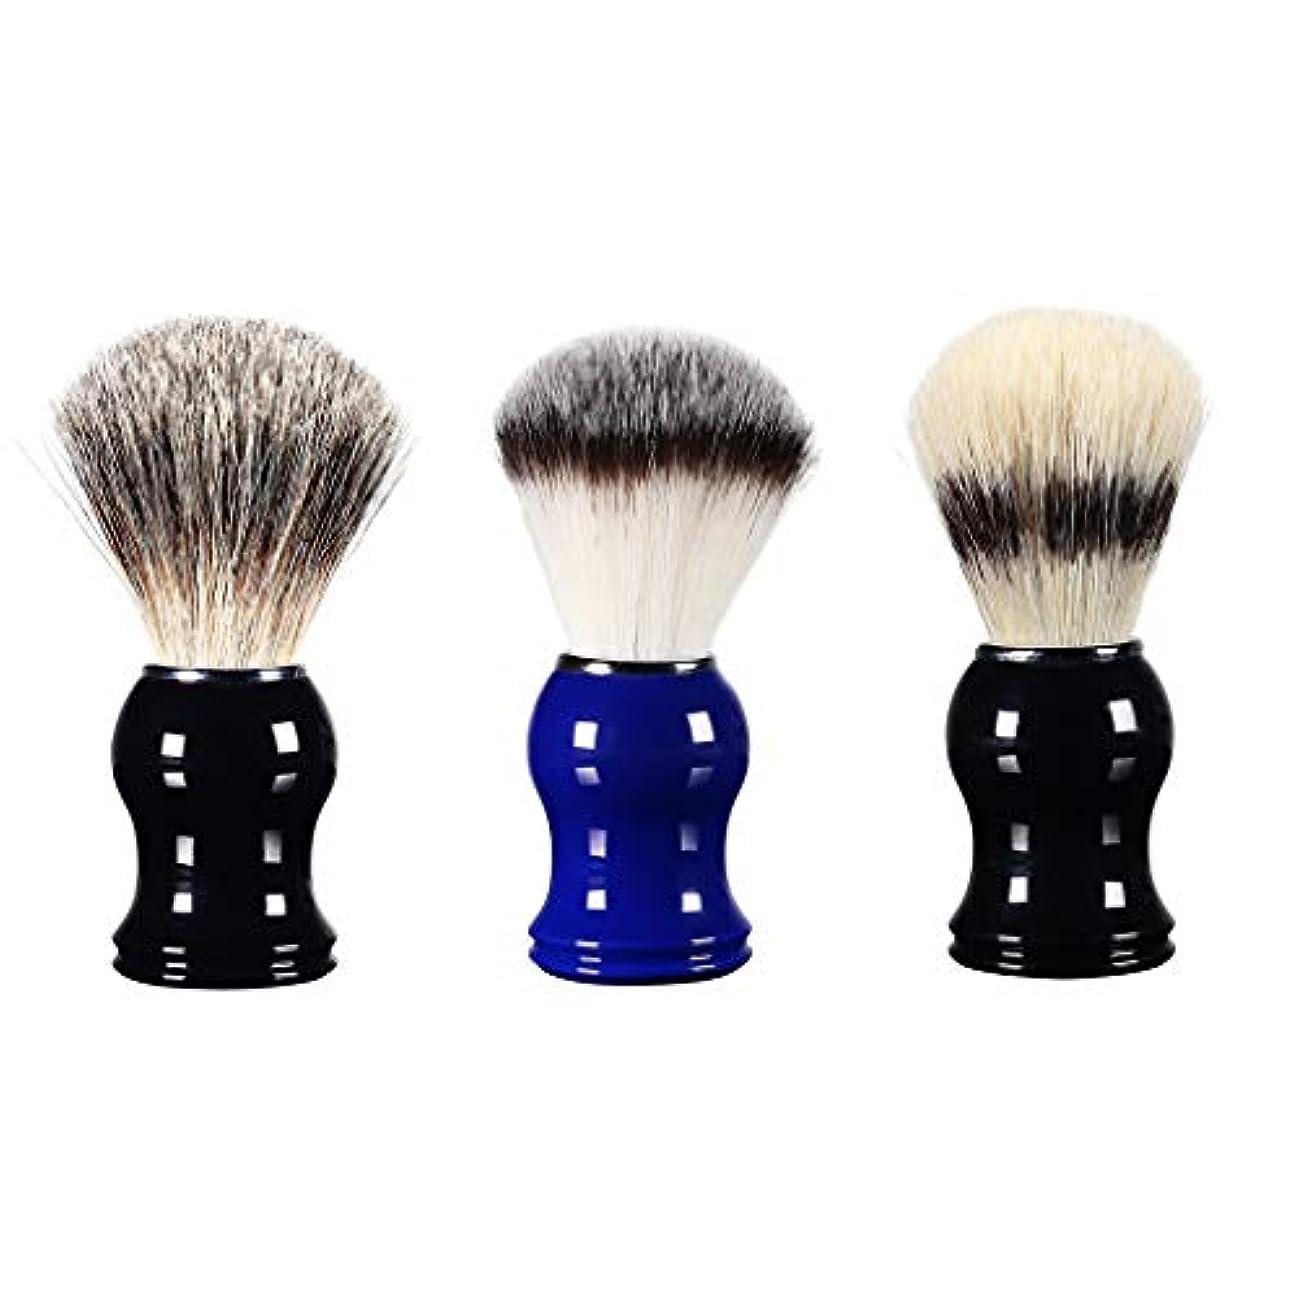 略奪ナラーバーヒップ3個 男性用 シェービング用ブラシ 理容 洗顔 髭剃り 泡立ち アクセサリー